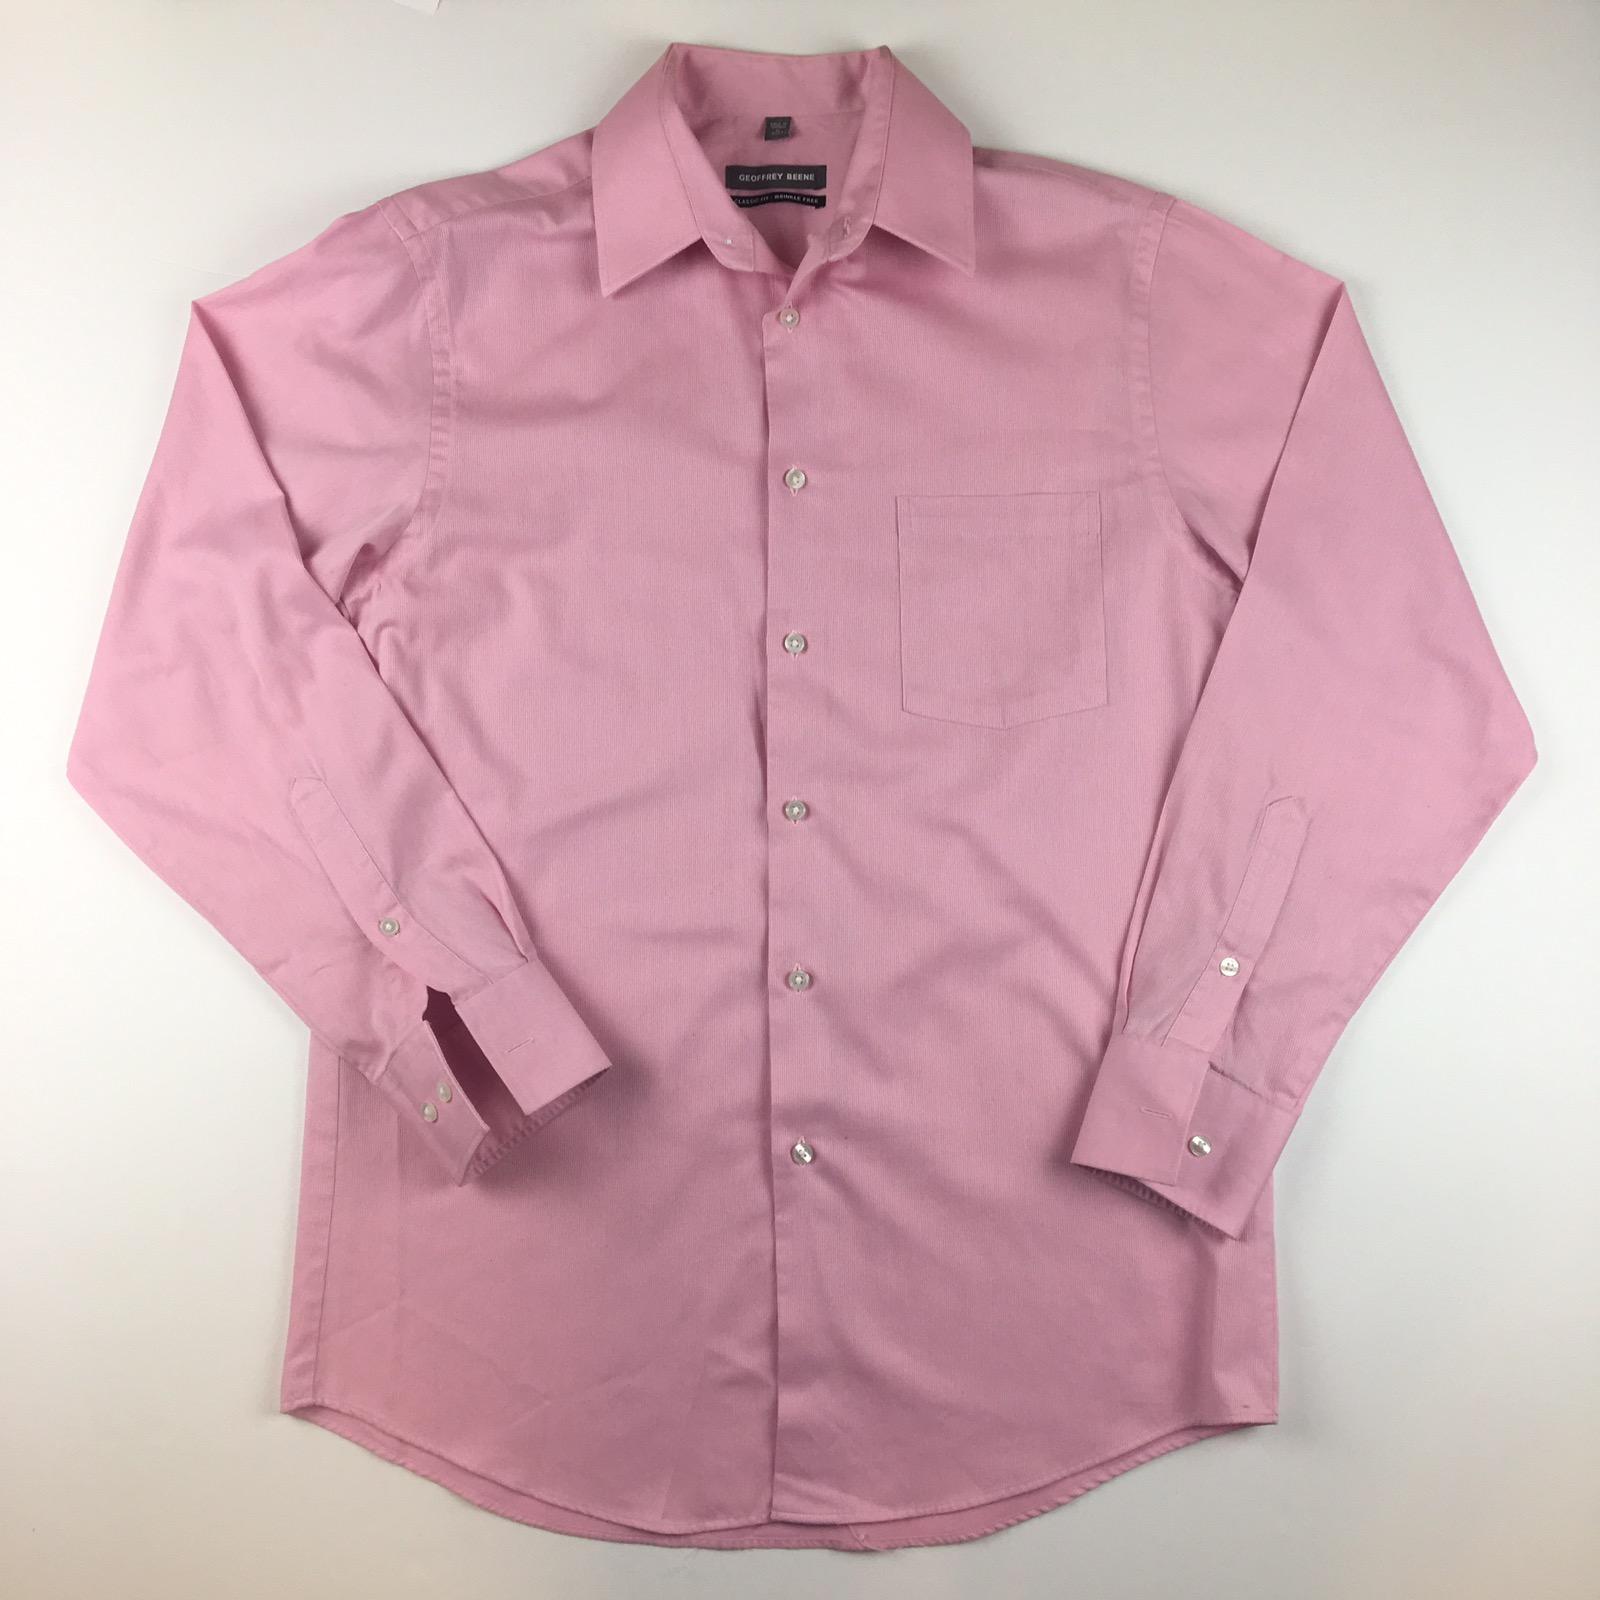 Geoffrey Beene Geoffrey Beene Mens Classic Fit Wrinkle Free Pink